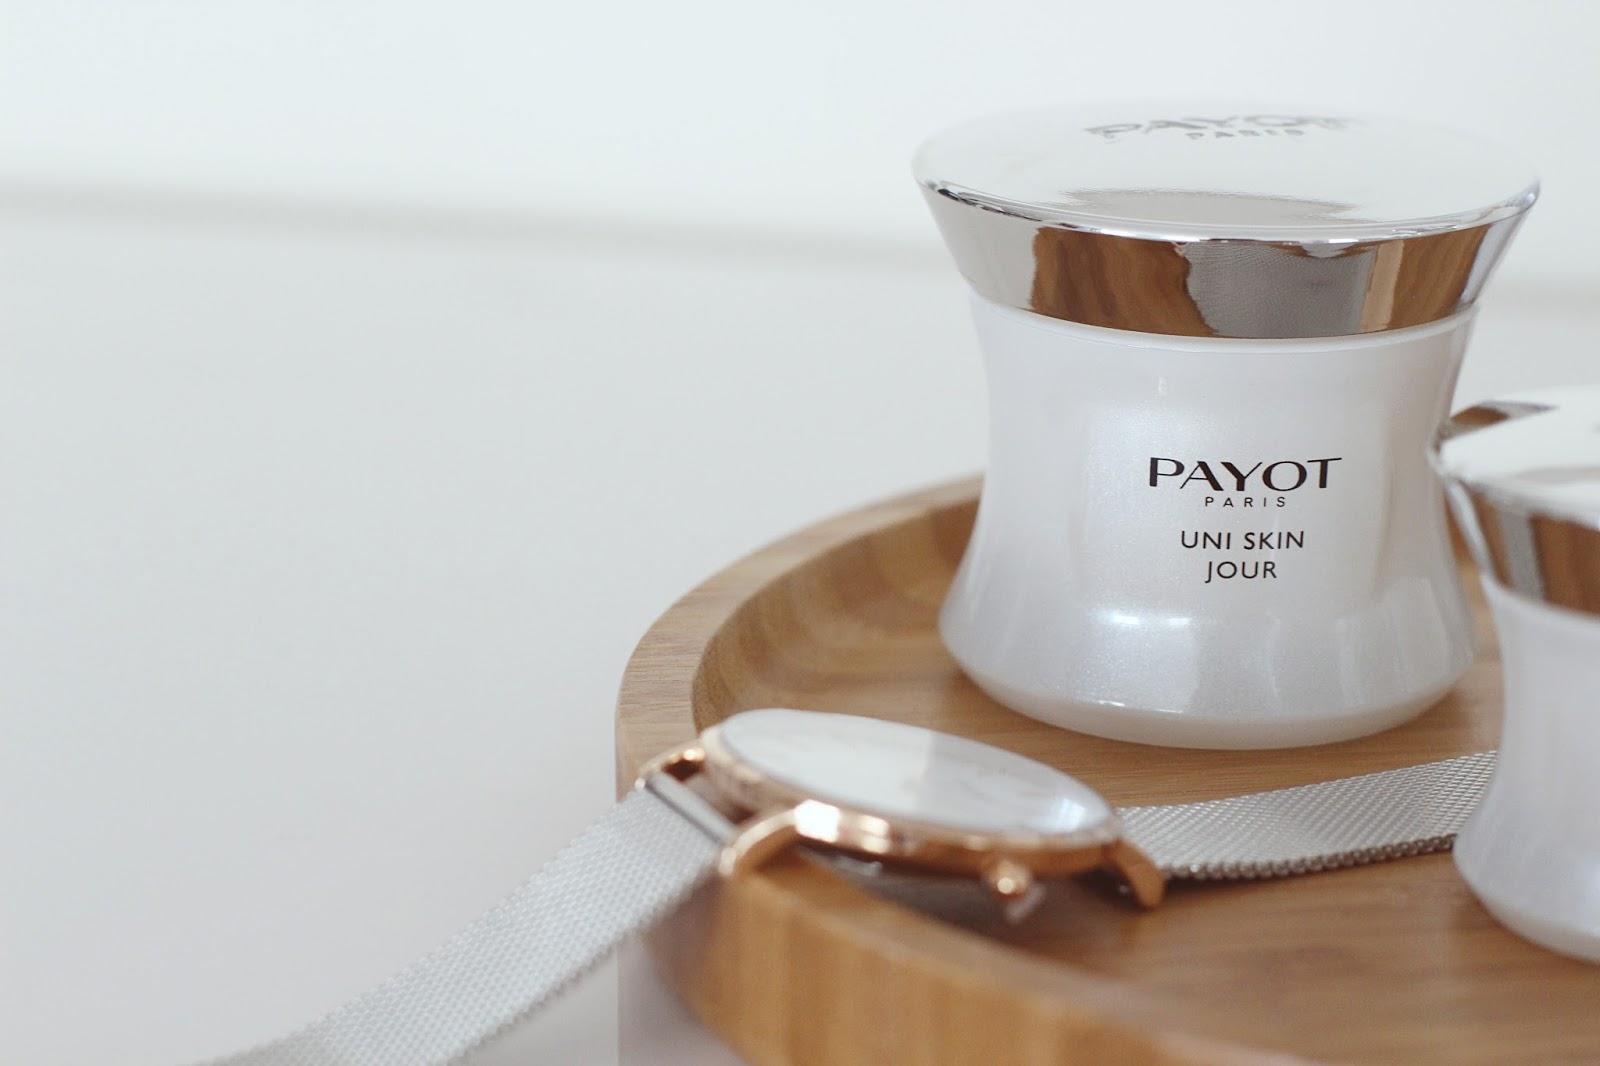 Uni Skin Jour Crème Unifiante Perfectrice Payot